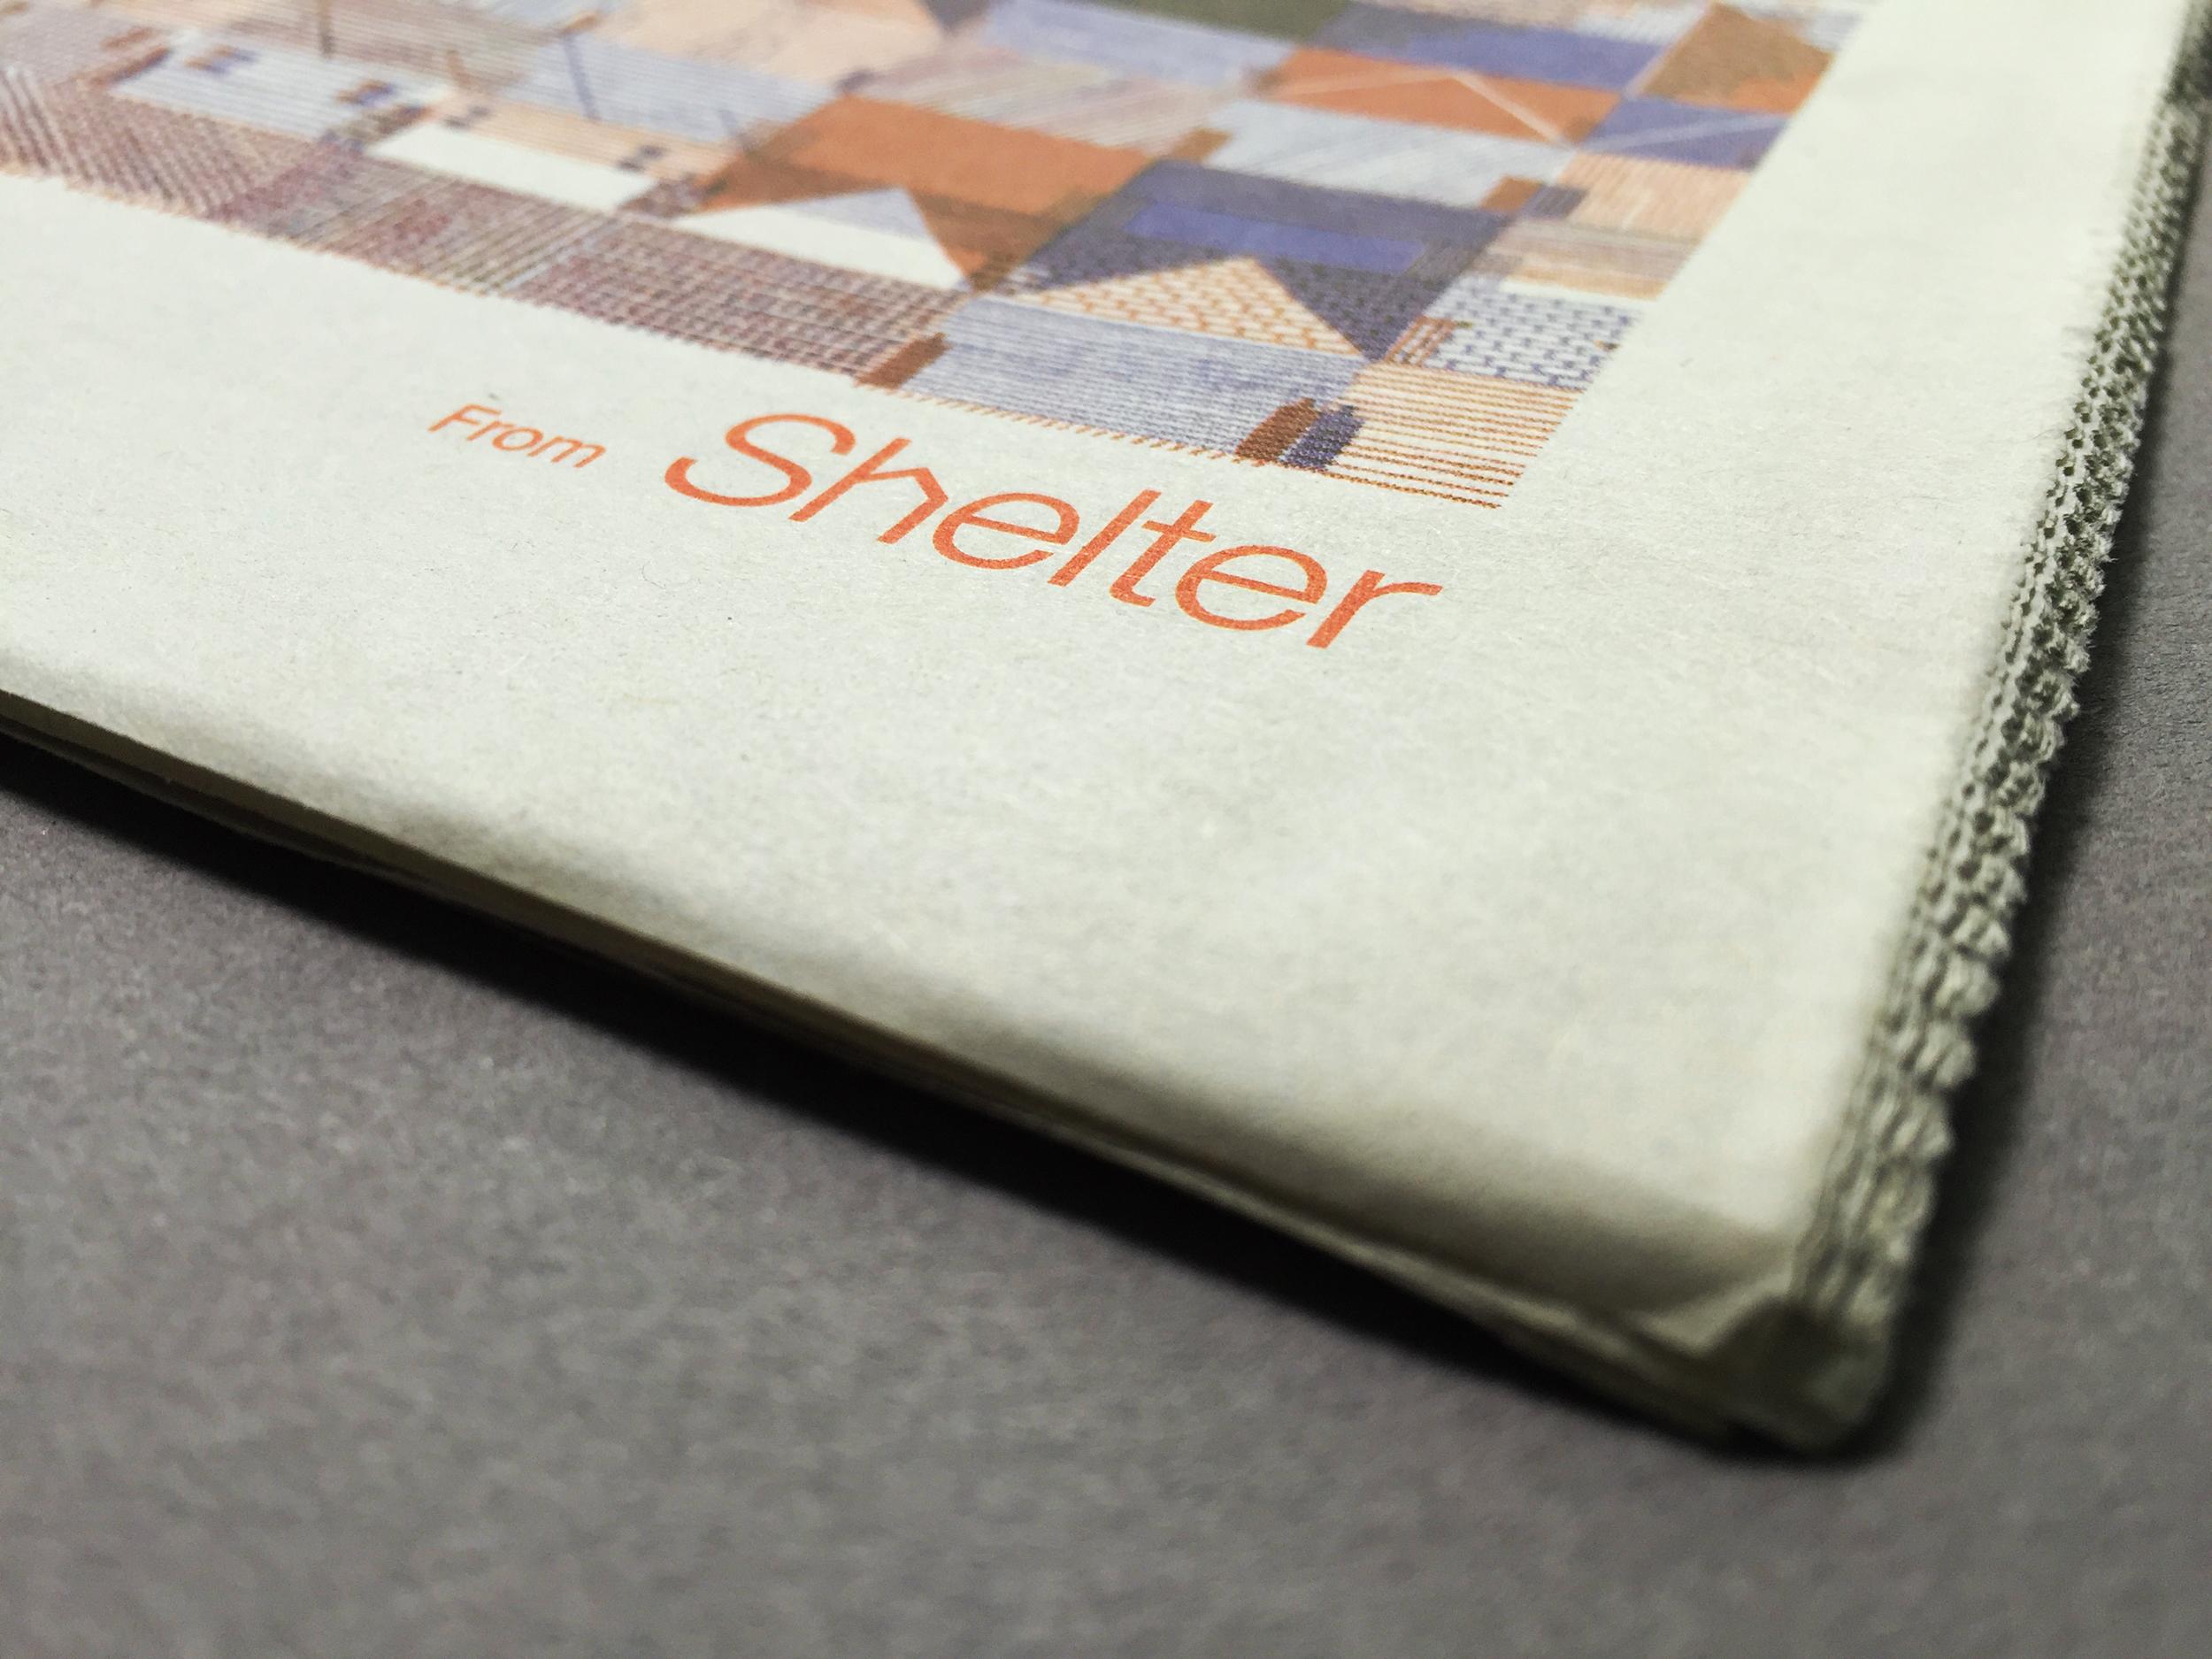 Shelter corner 02_2500px.jpg